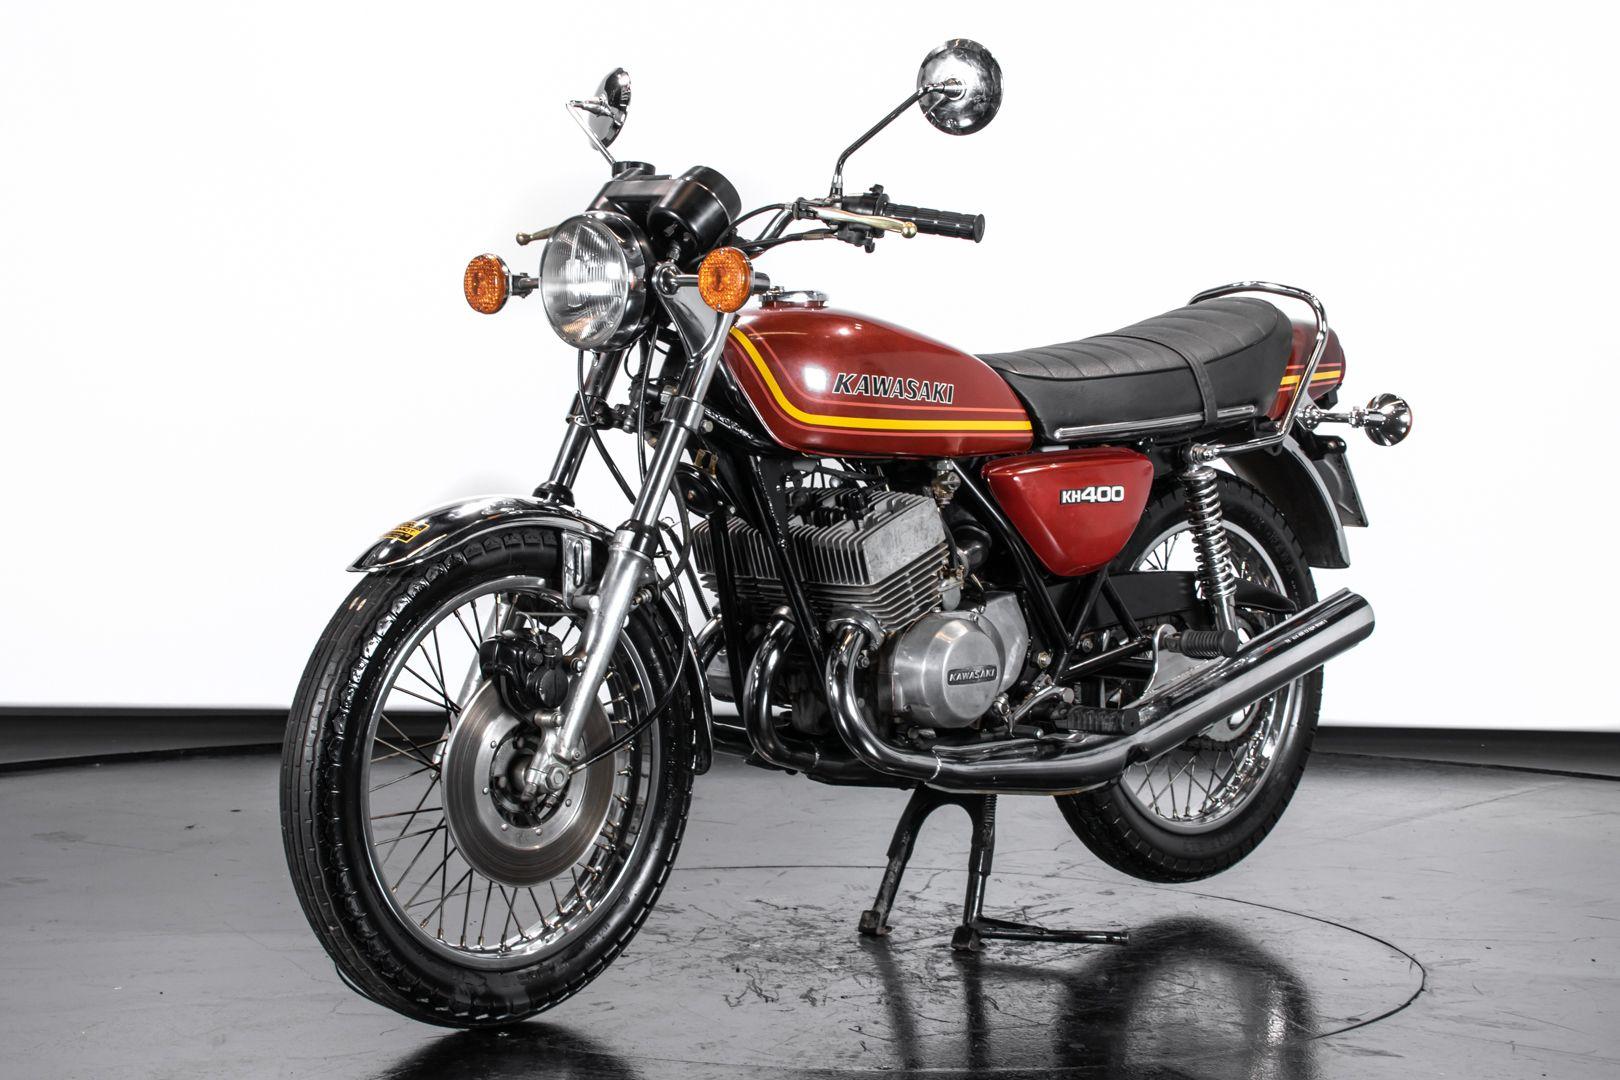 1976 Kawasaki KH 400 MACH III 78850